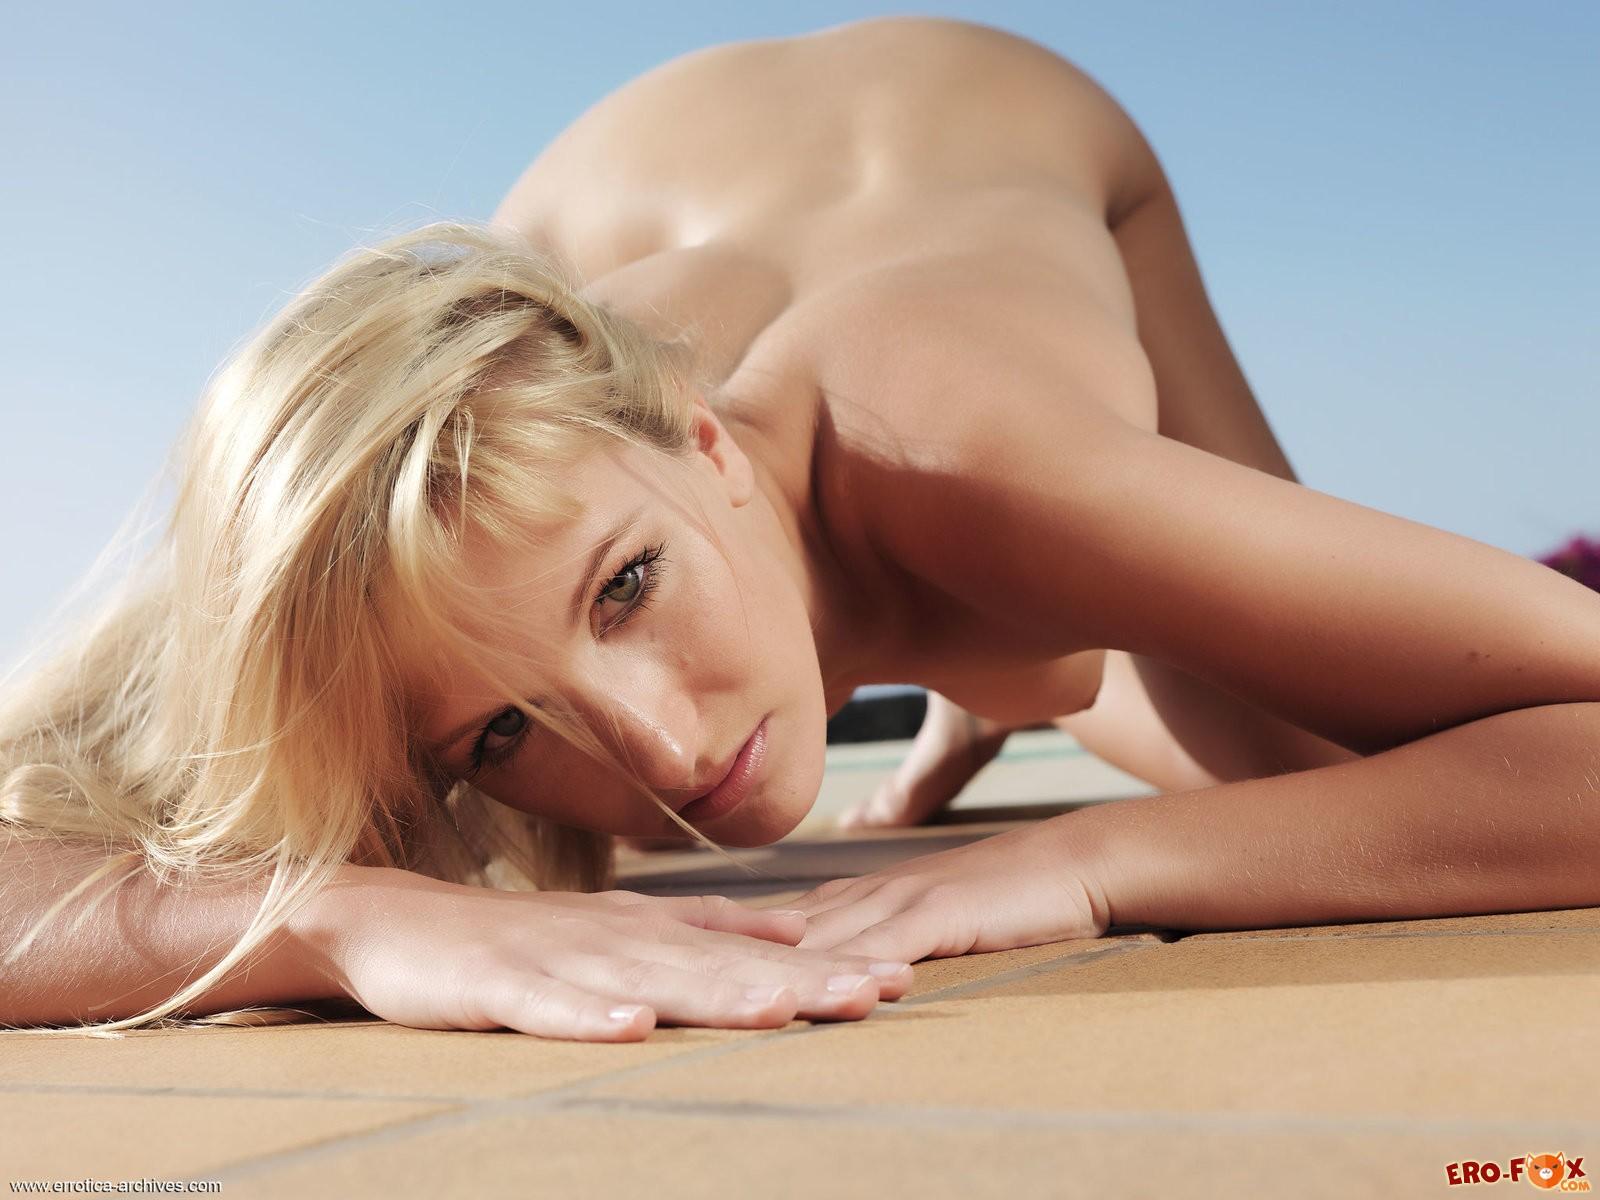 Сочная блондинка показывает бритую письку крупно